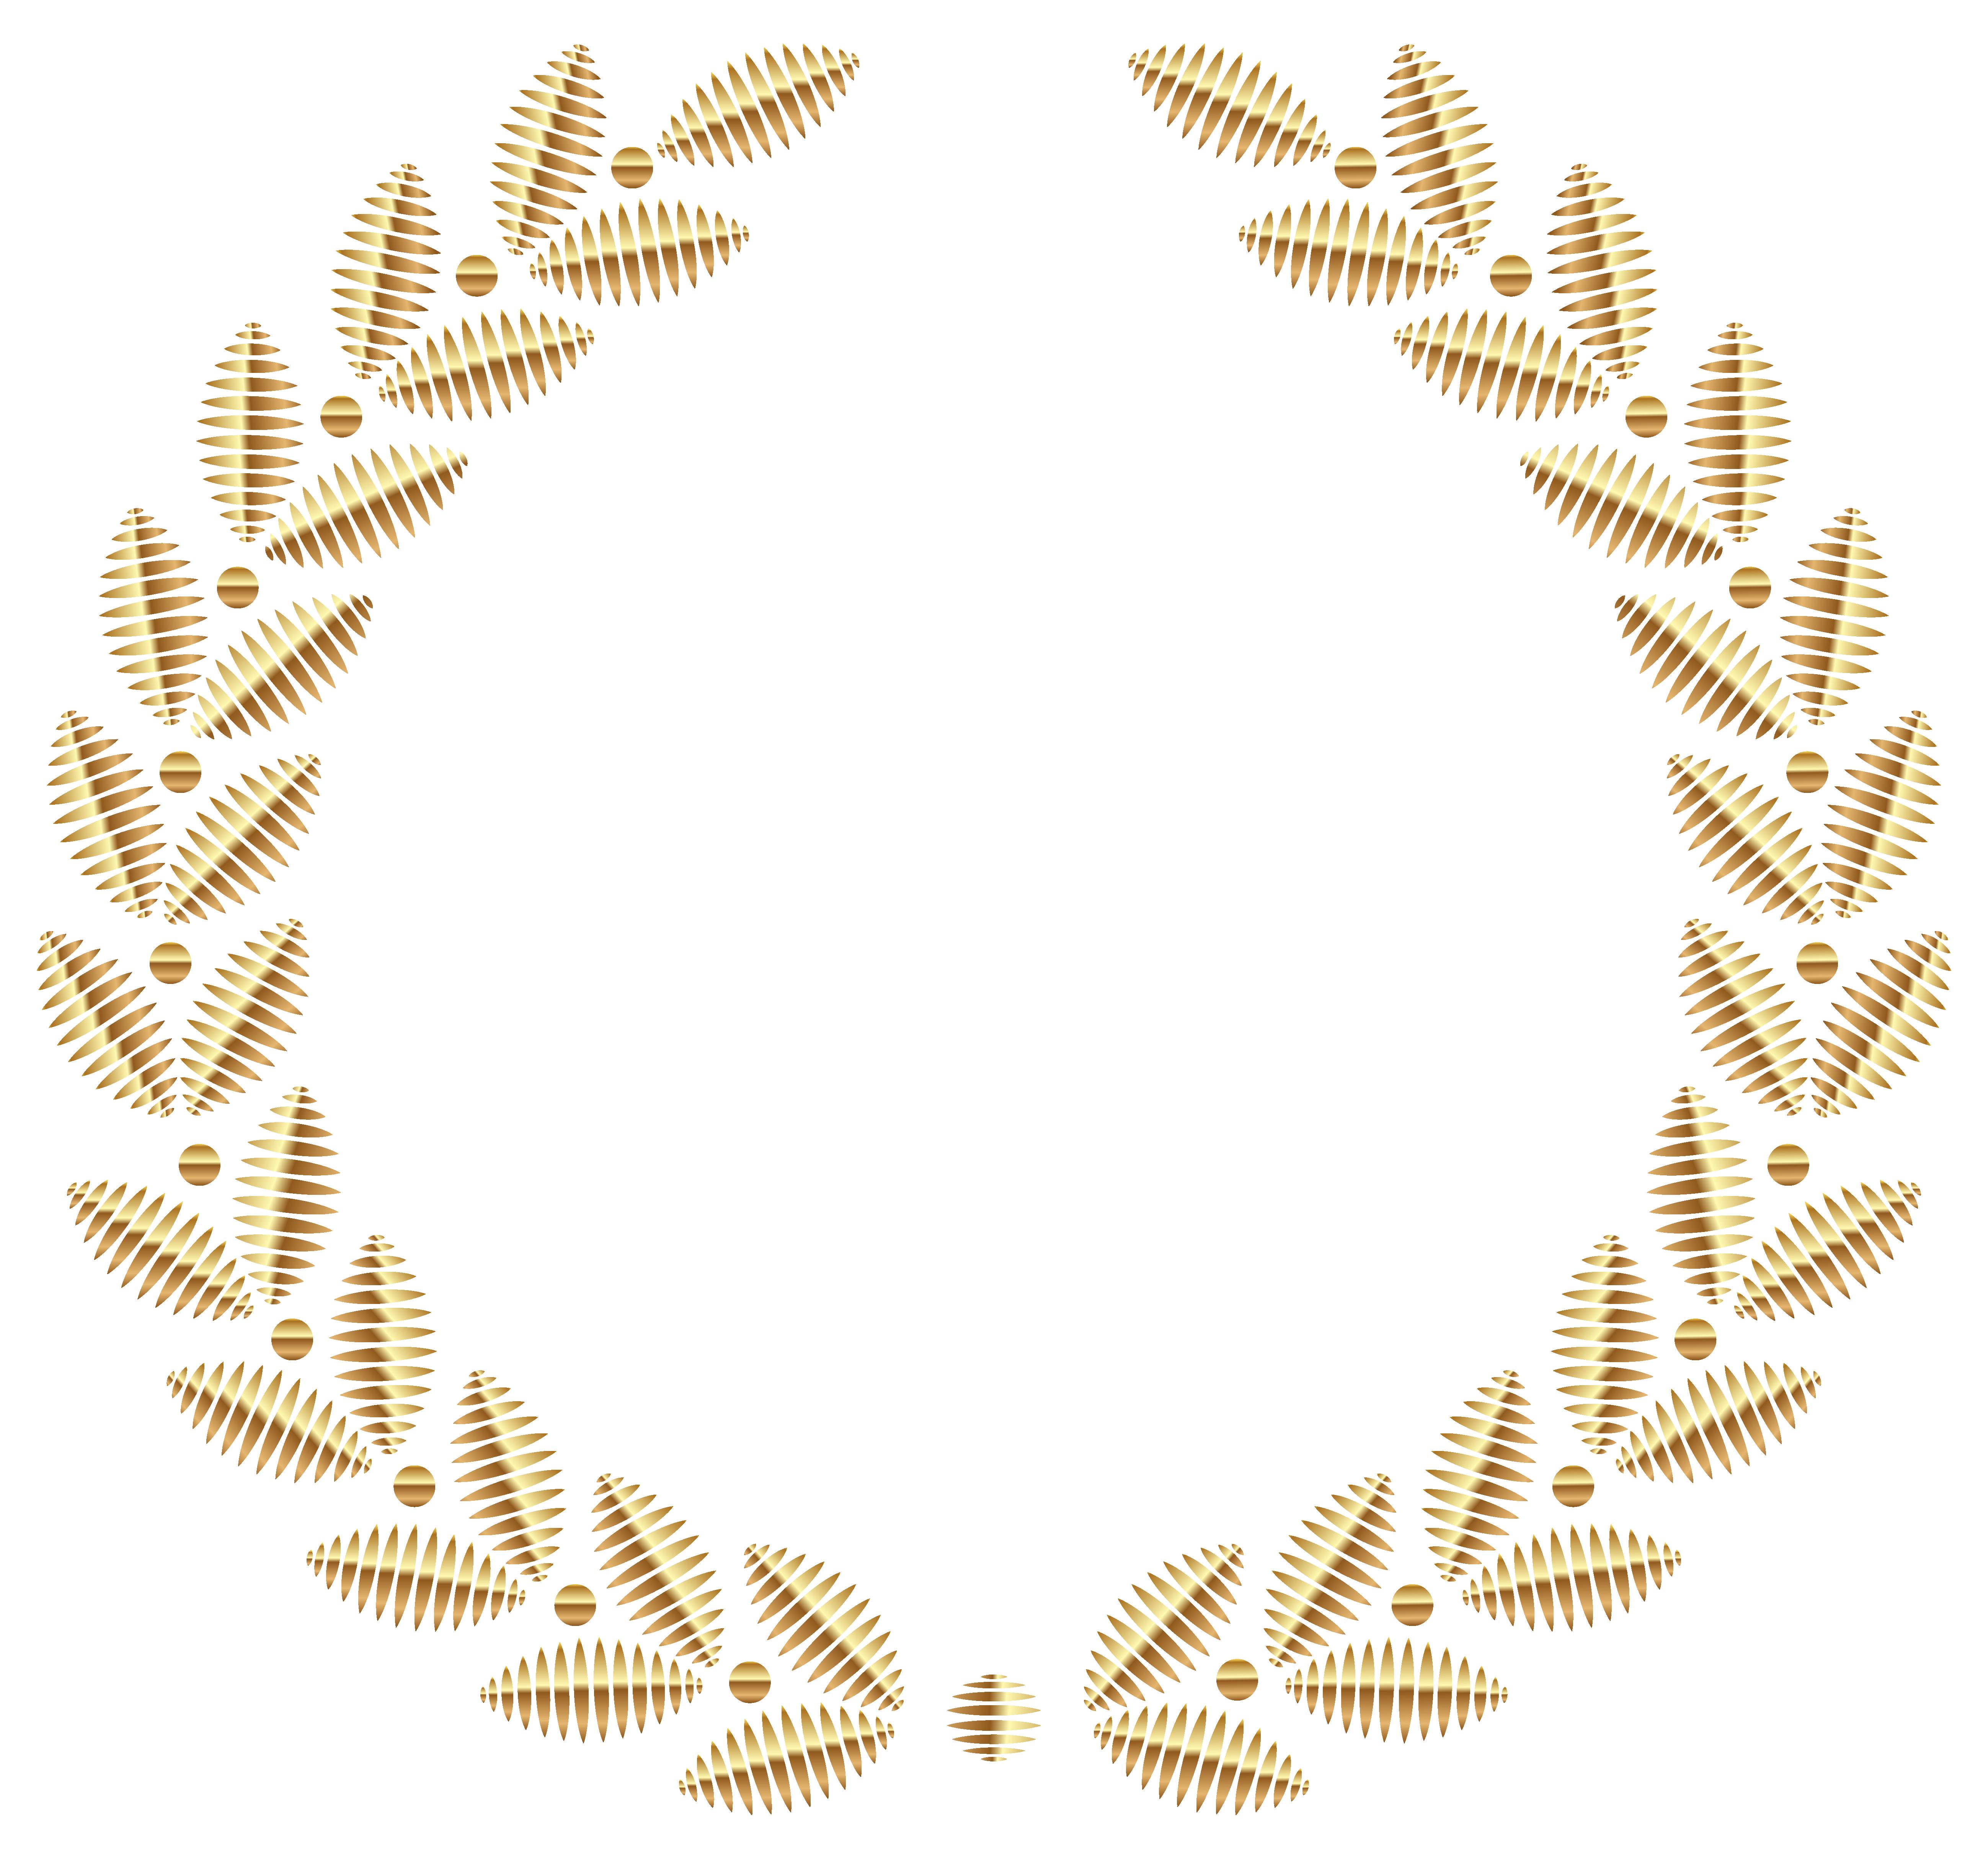 Golden Wreath PNG Transparent Clipart Image.